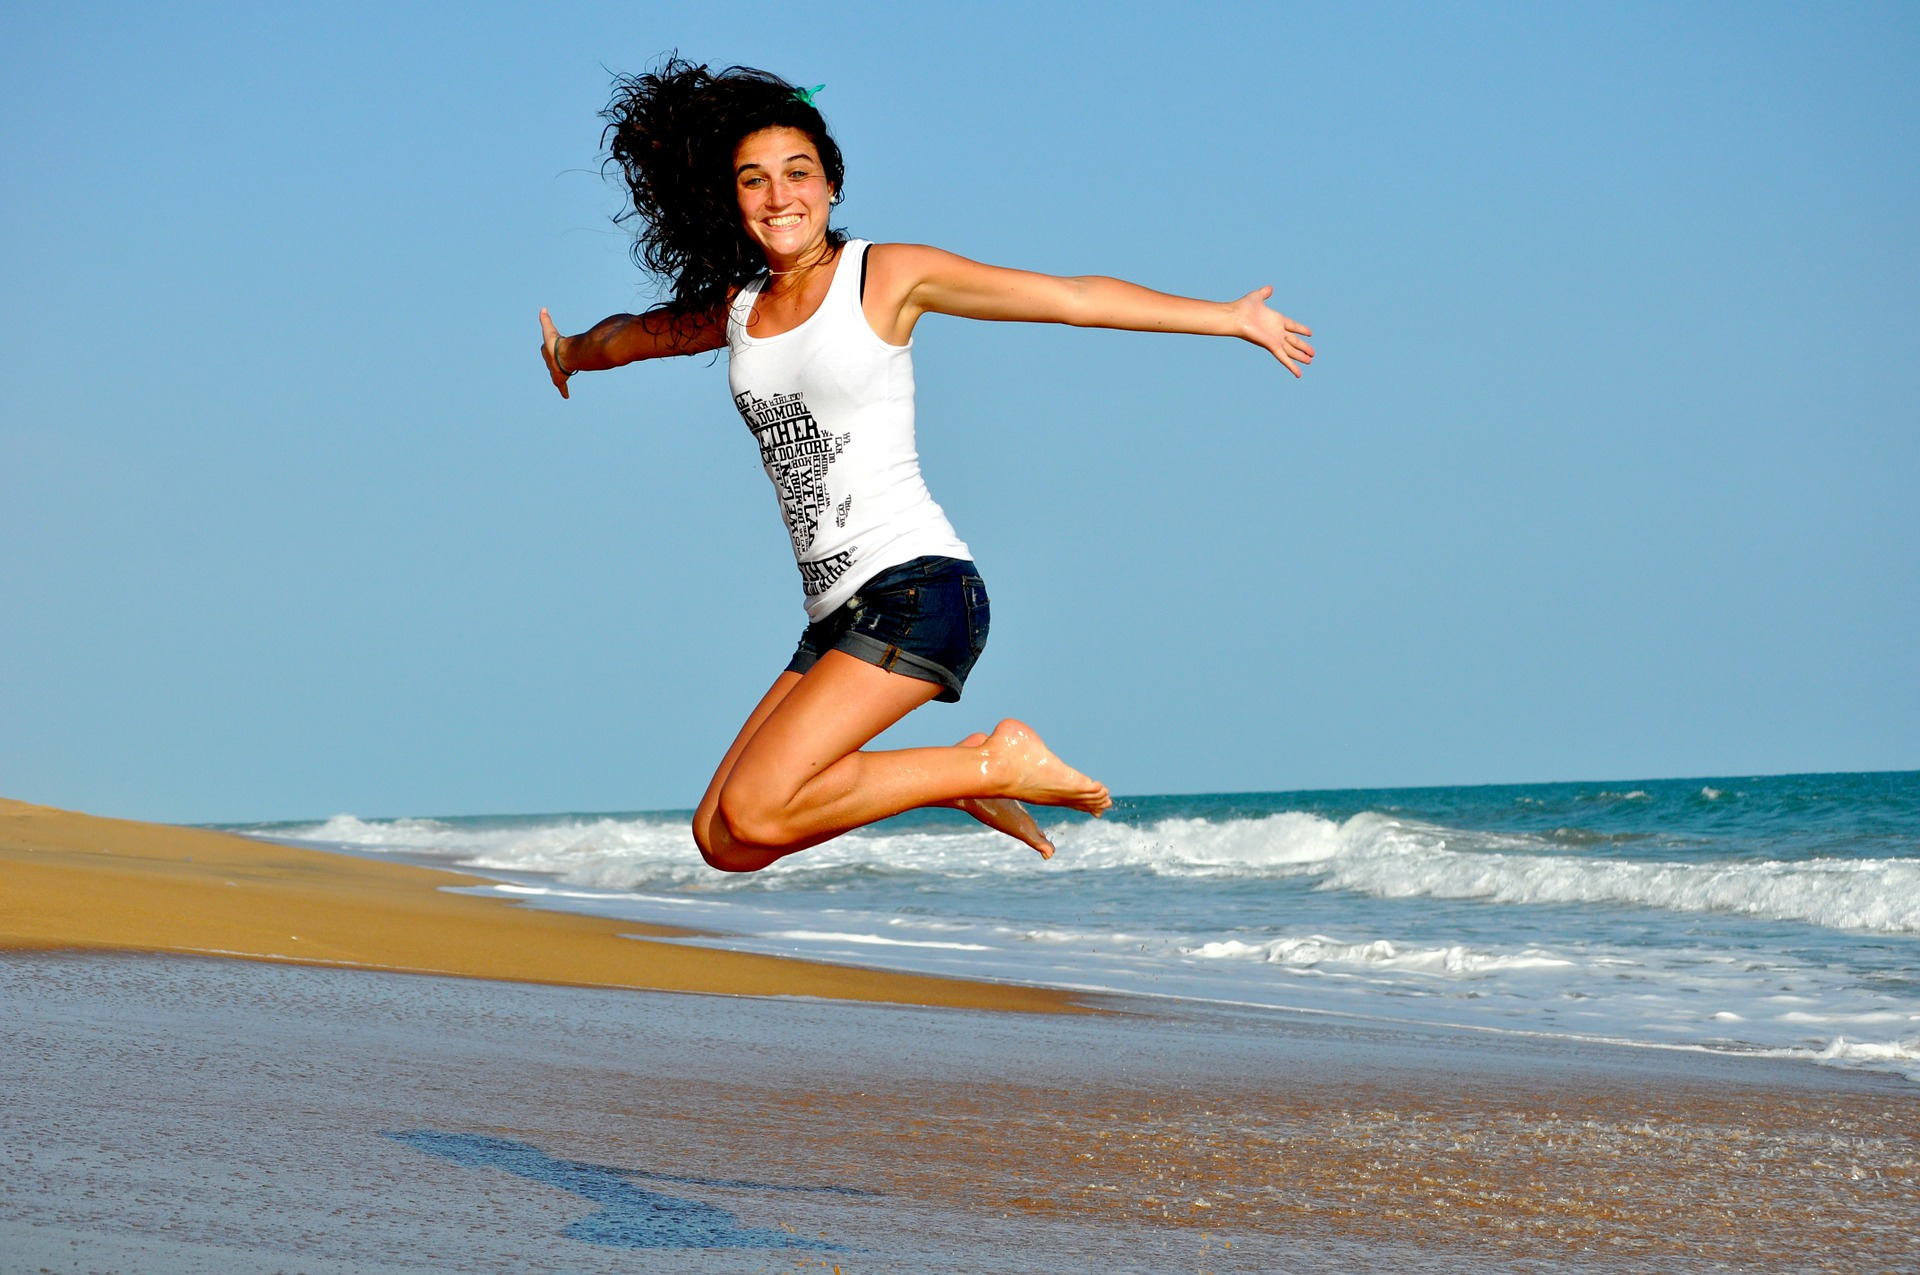 外国人の女性 ジャンプ